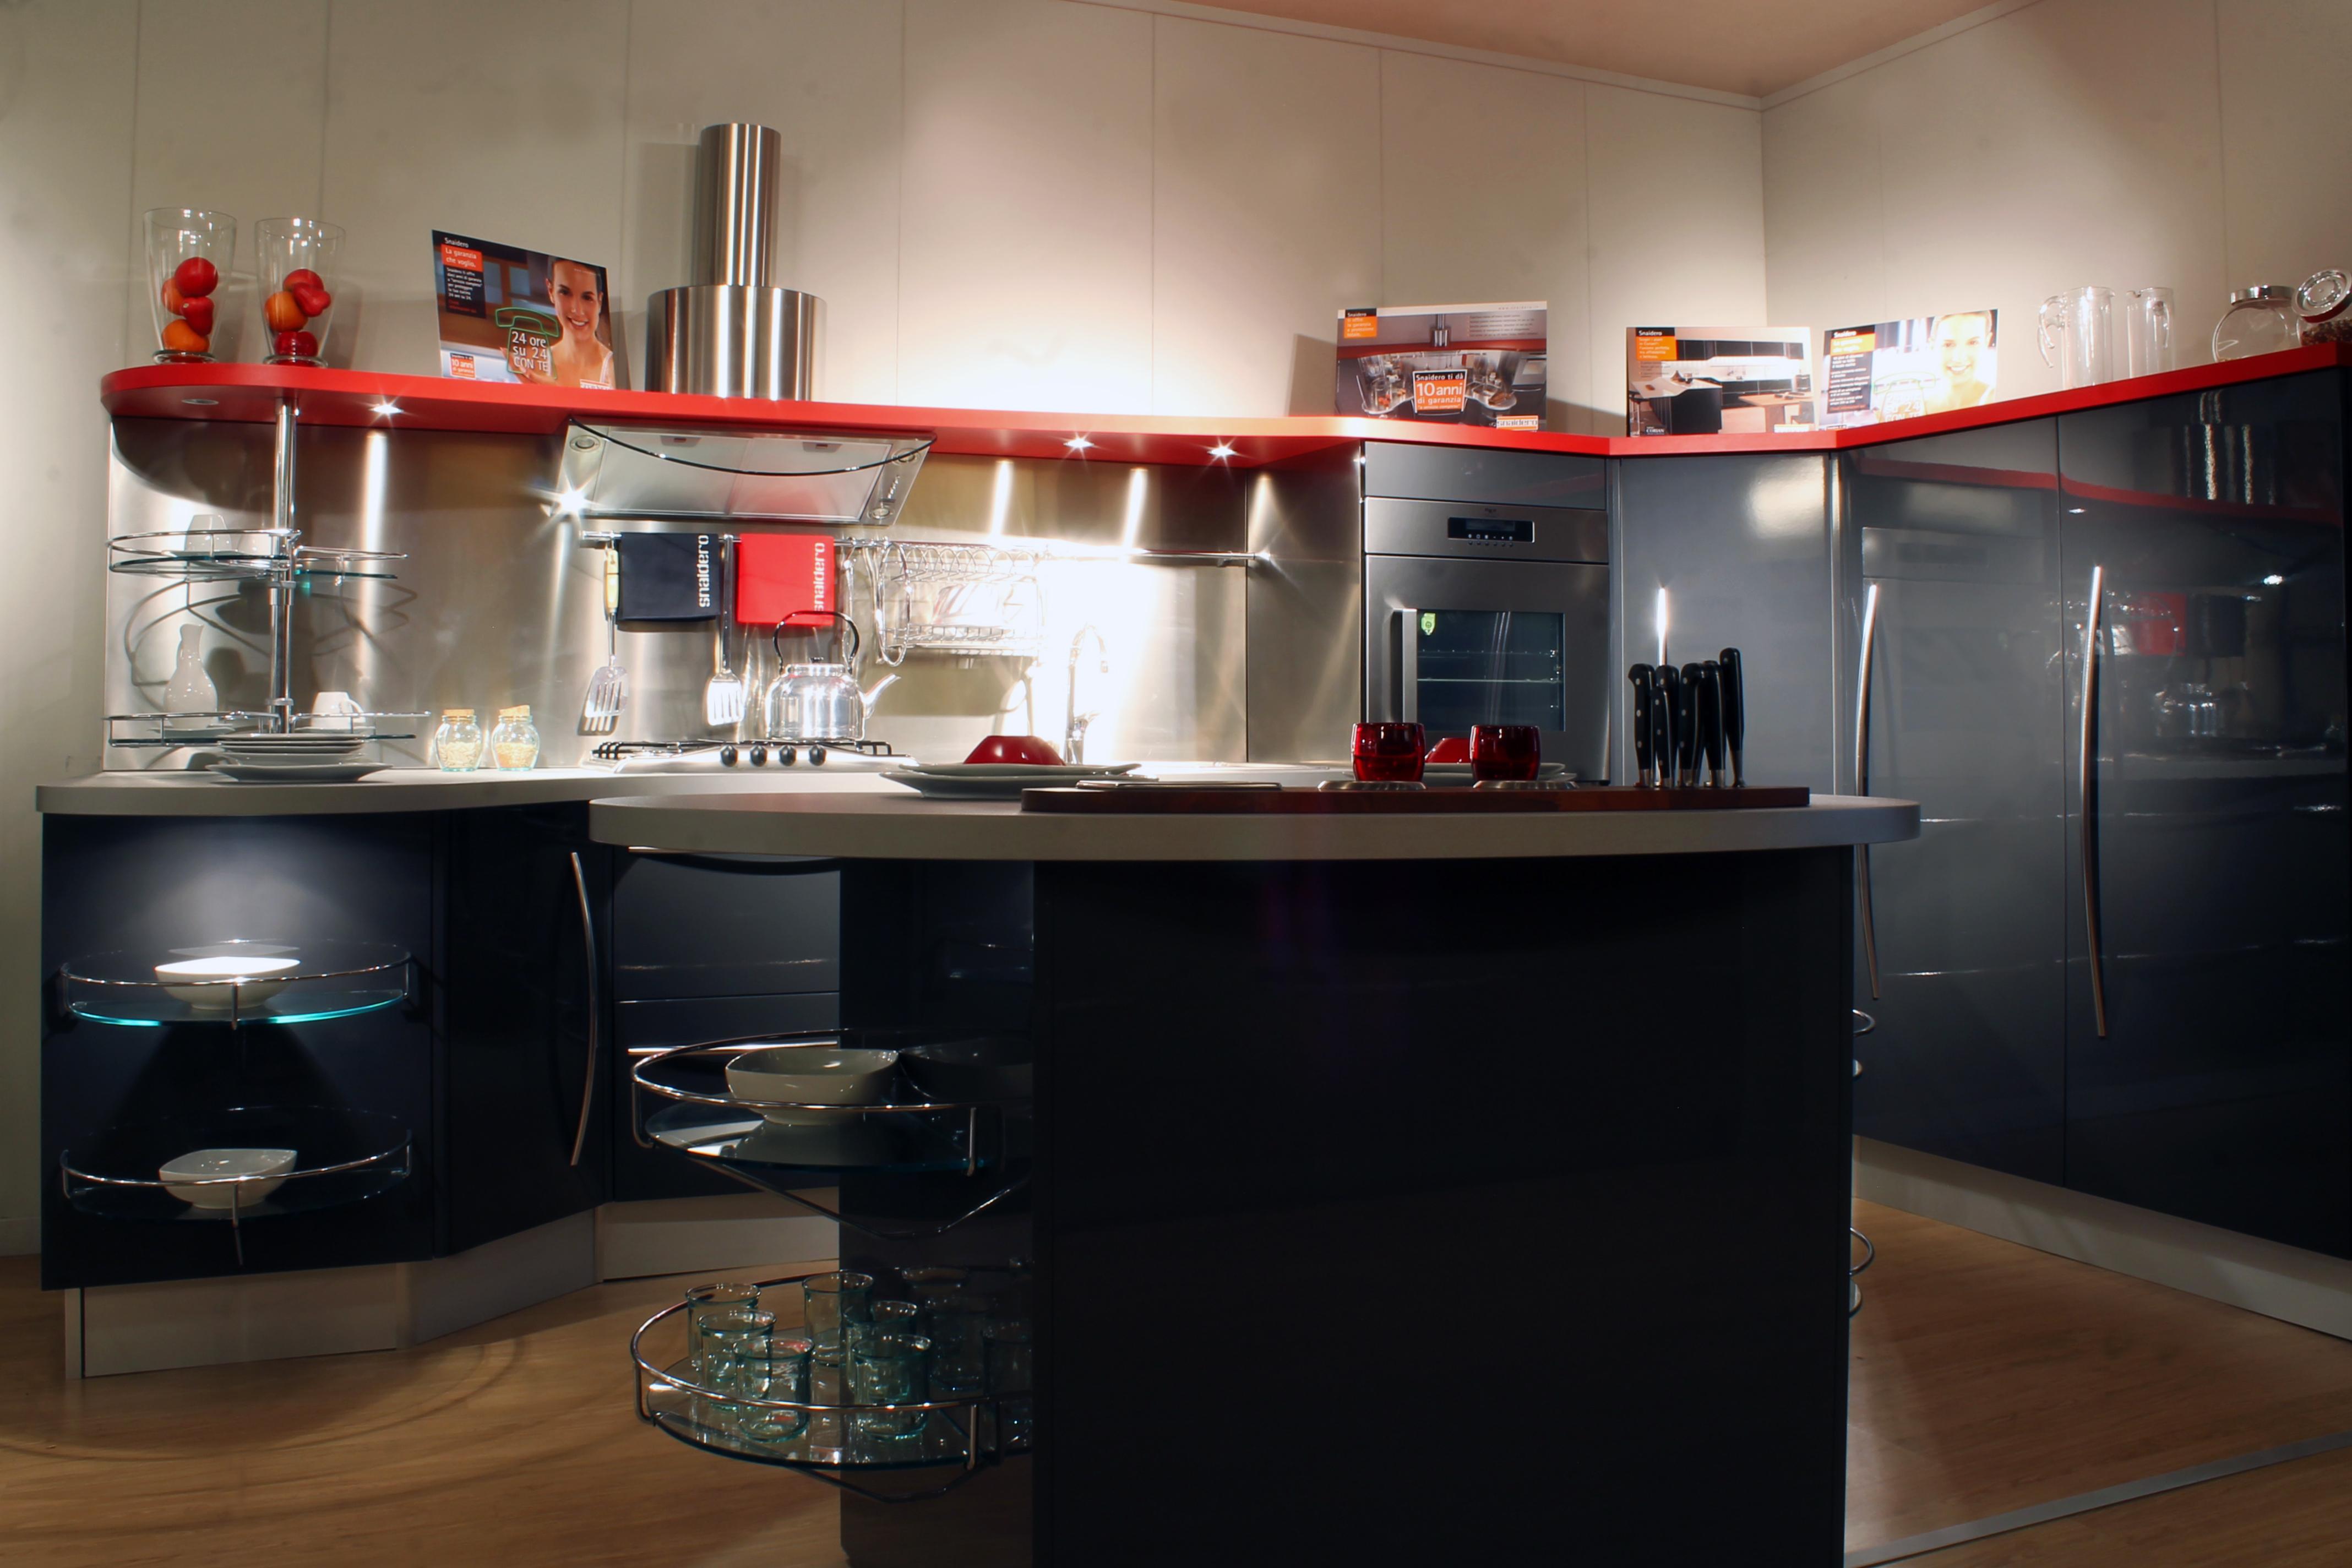 Leonetti arredamenti outlet cucine - Outlet cucine snaidero ...